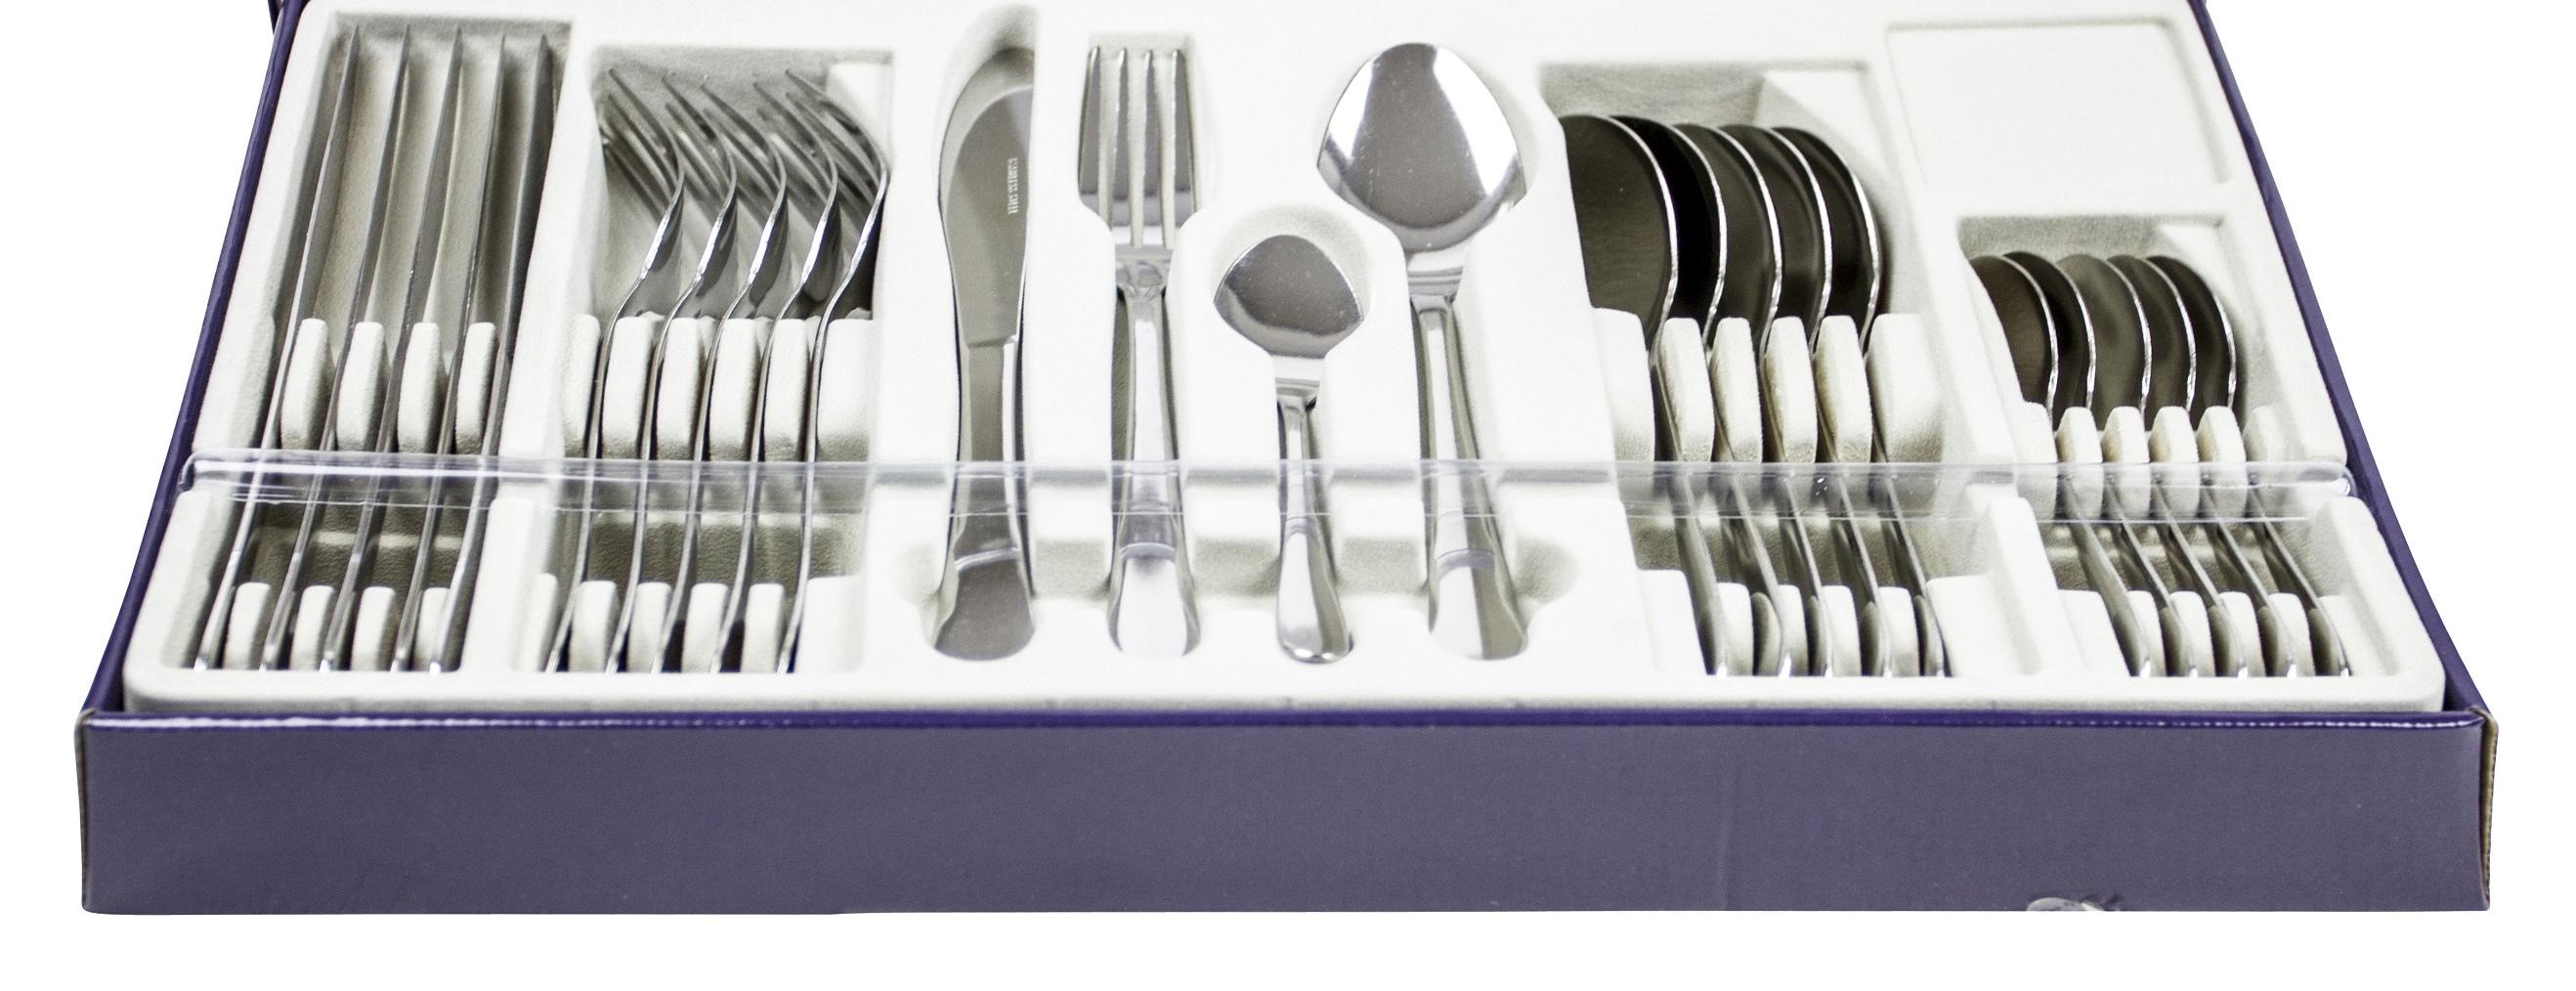 24 Piece Stylish Kitchen Stainless Steel Cutlery Set Tableware Dining Utensils 8711252533209 | eBay  sc 1 st  eBay & 24 Piece Stylish Kitchen Stainless Steel Cutlery Set Tableware ...